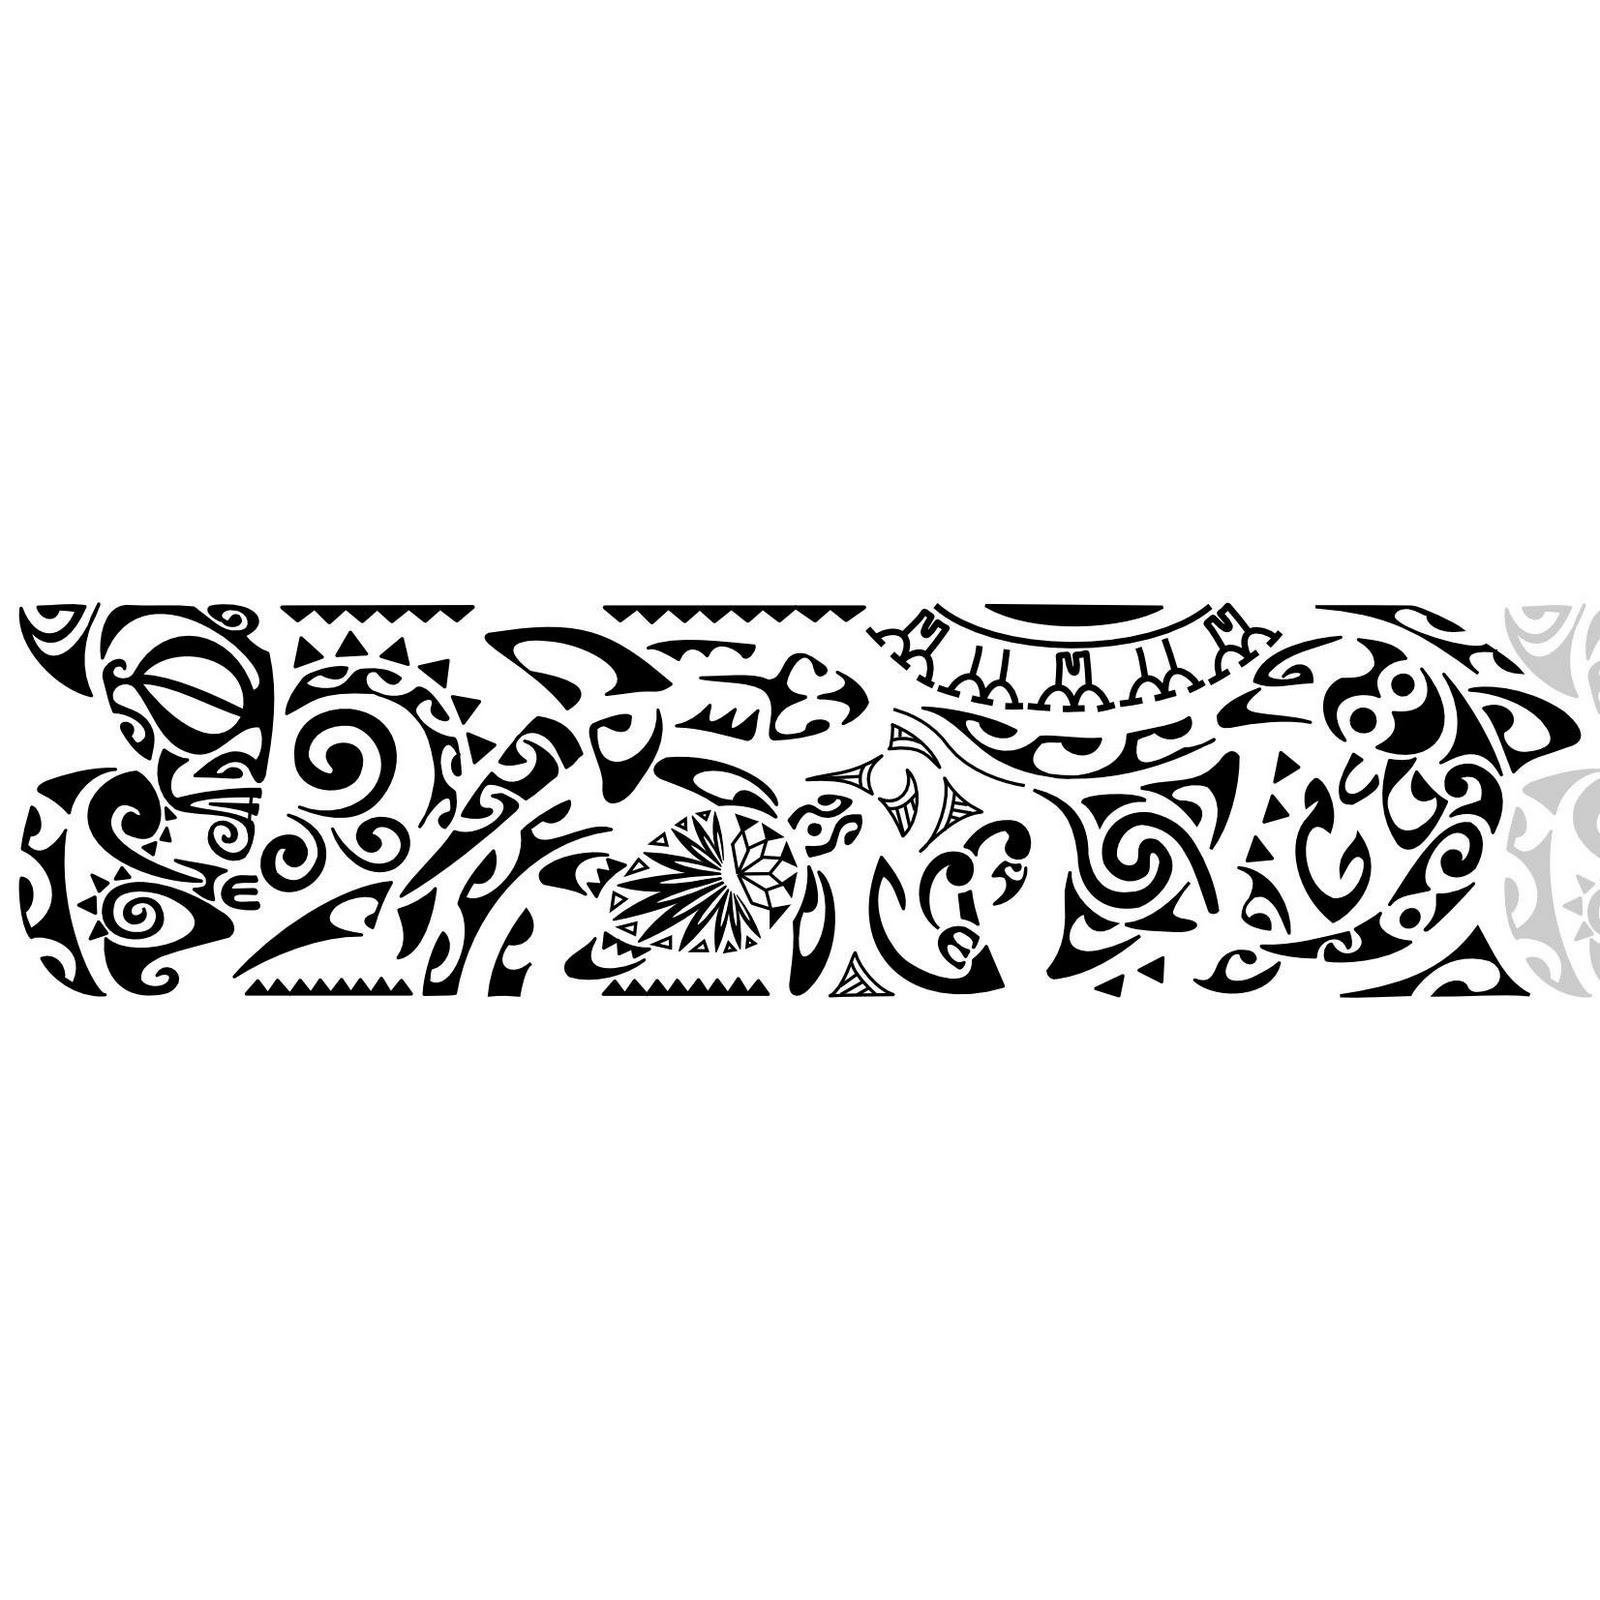 image tatouage tribal bras - Tatouage Tribal Bras Modèle Tatouage